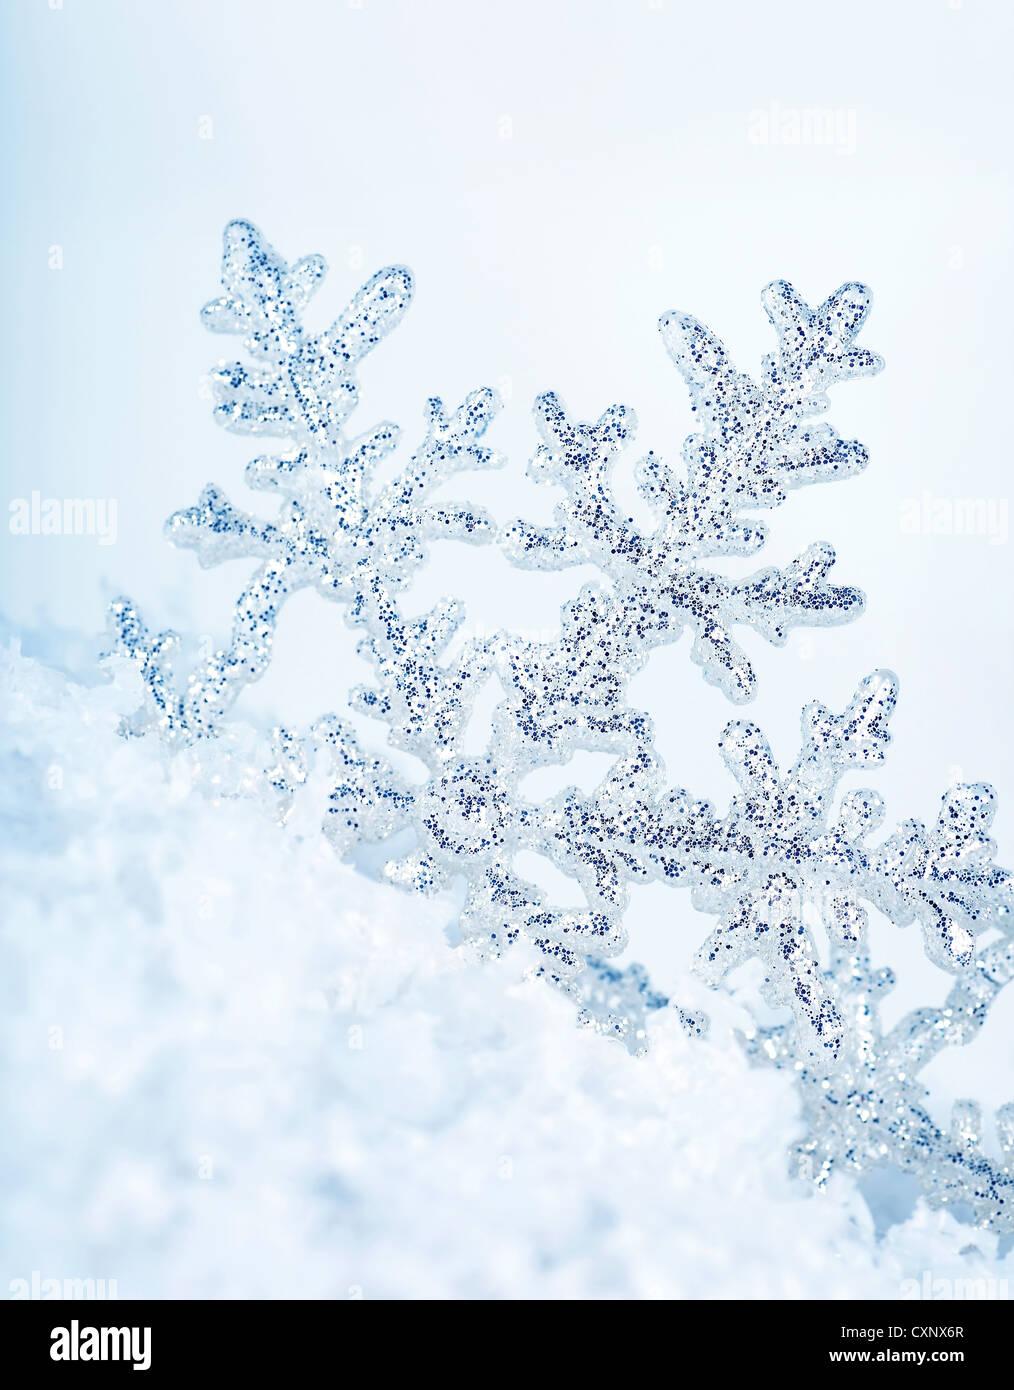 Bella blu il simbolo del fiocco di neve vacanze inverno sfondo Immagini Stock